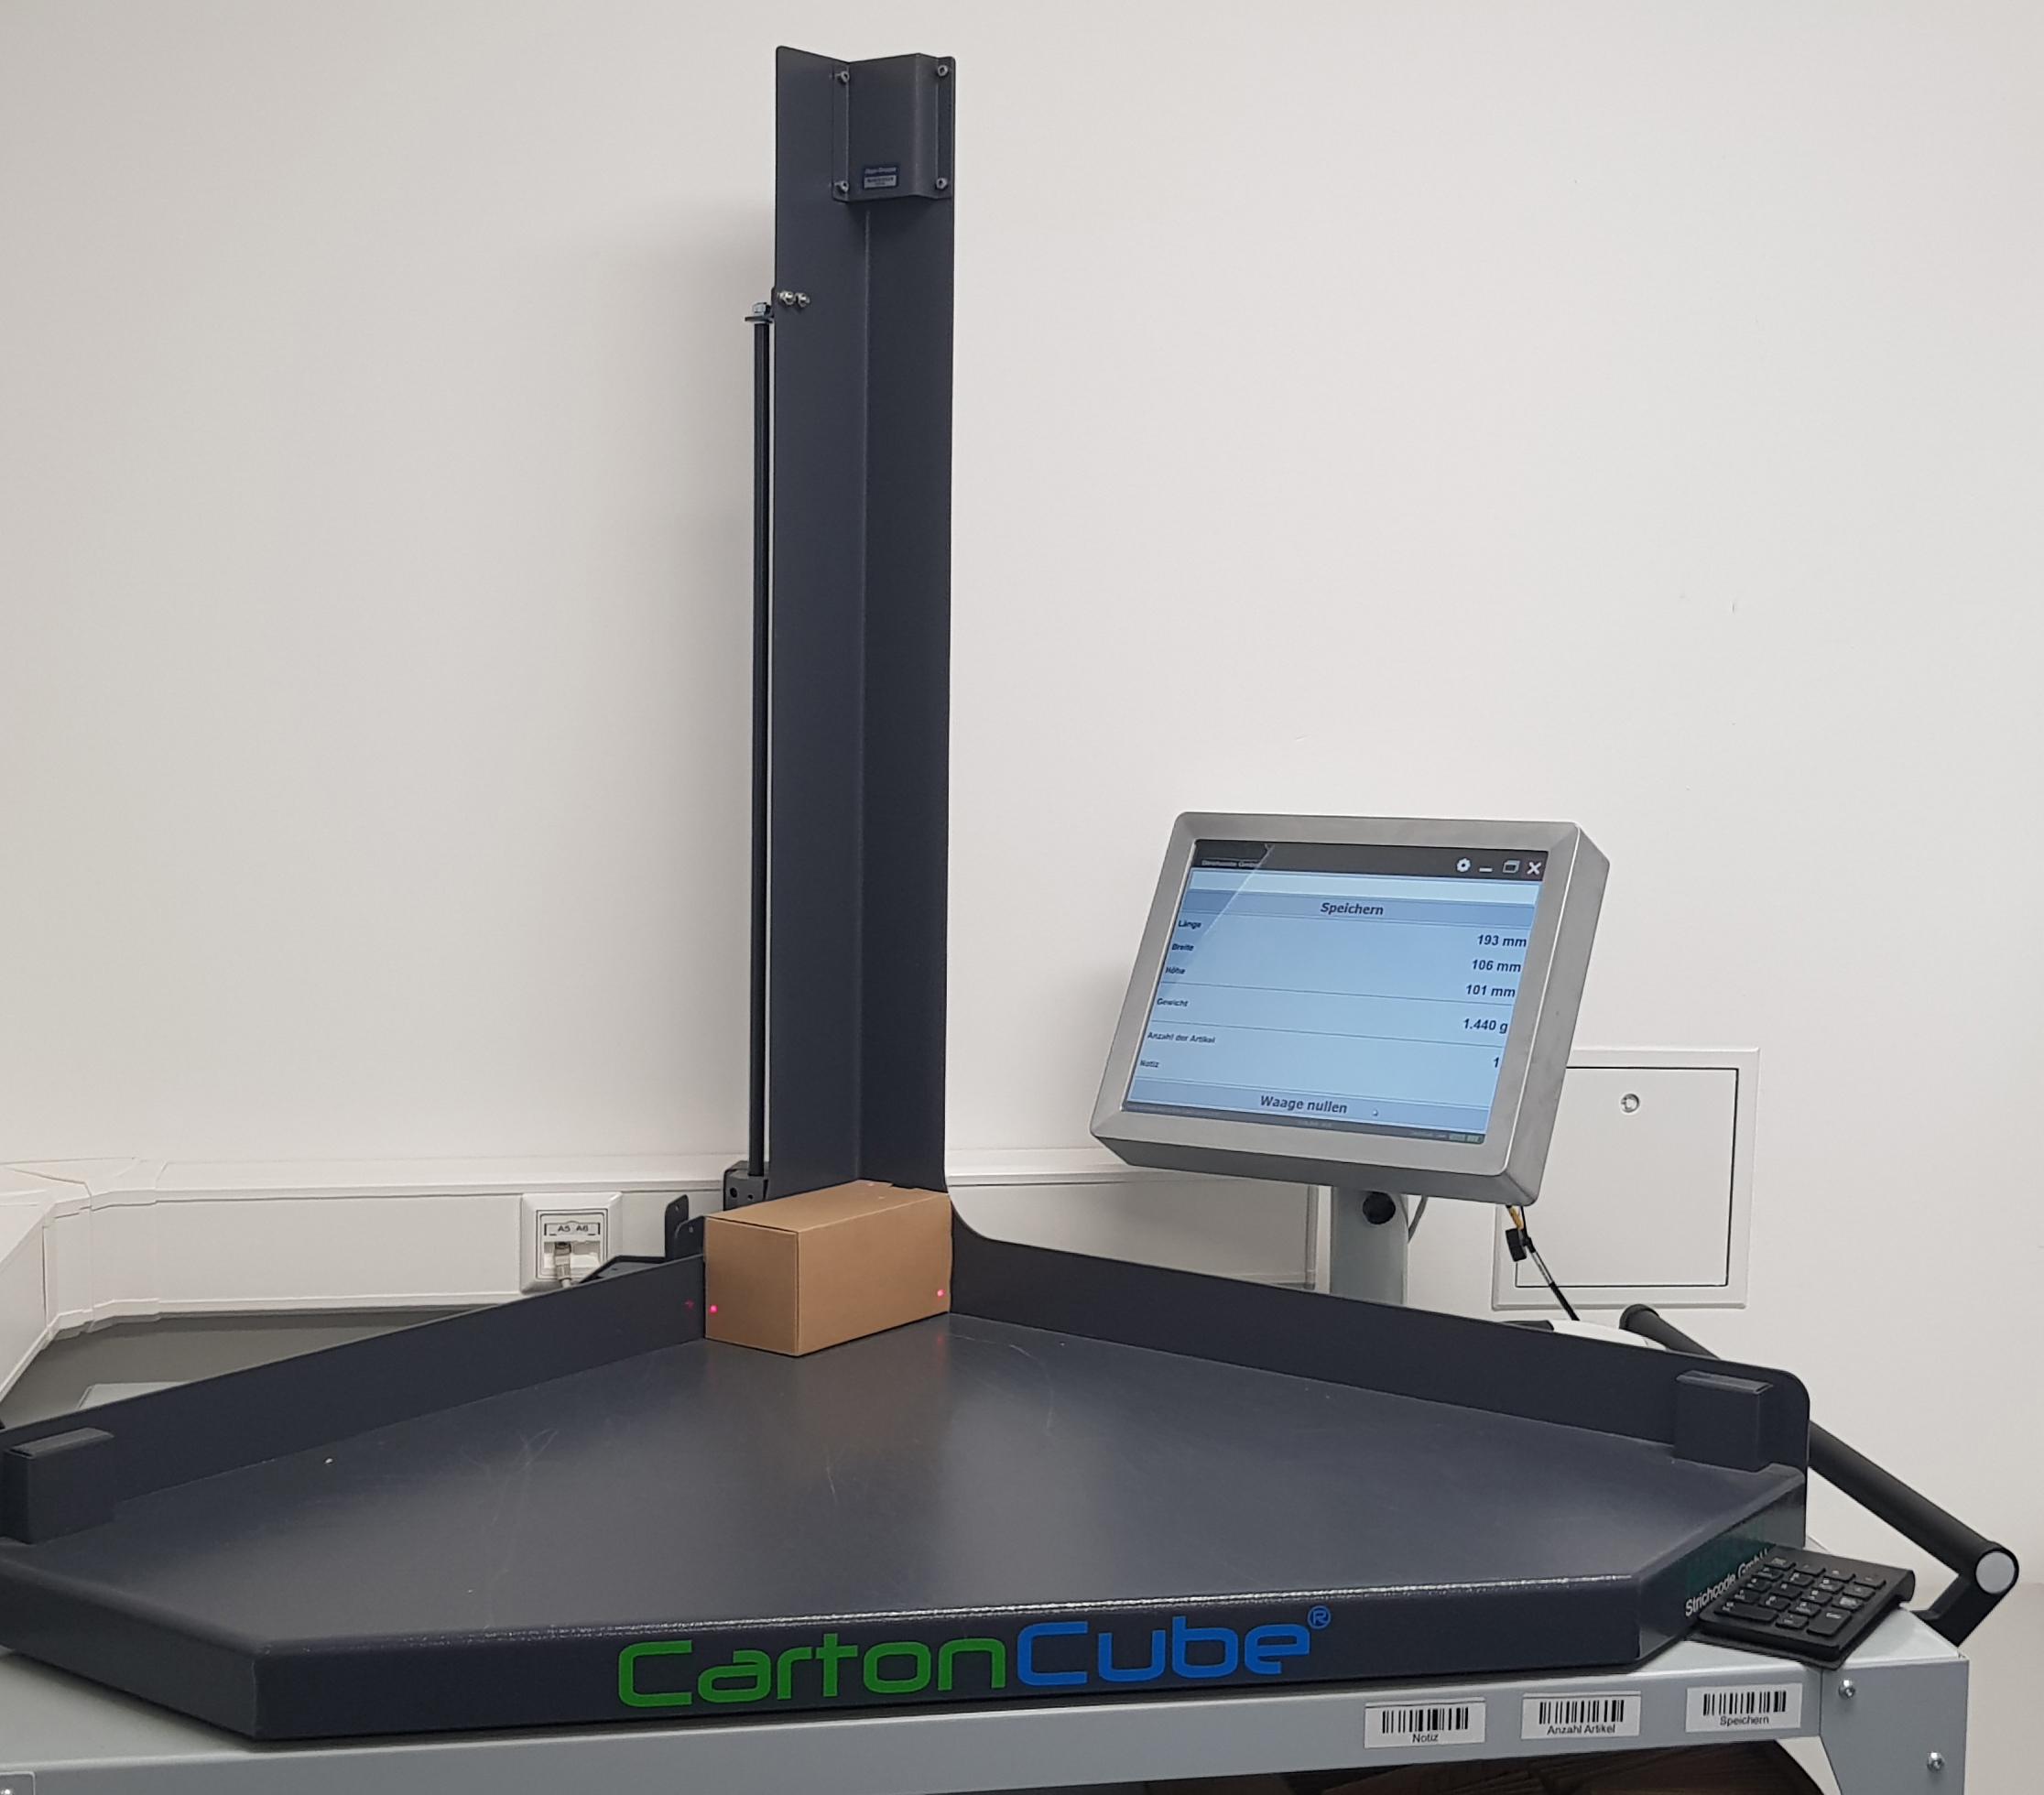 Schrauben-Jäger nutzt den CartonCube als passgenauere Alternative zur Vermessung von Paketen. (Bild: Schrauben Jäger AG)